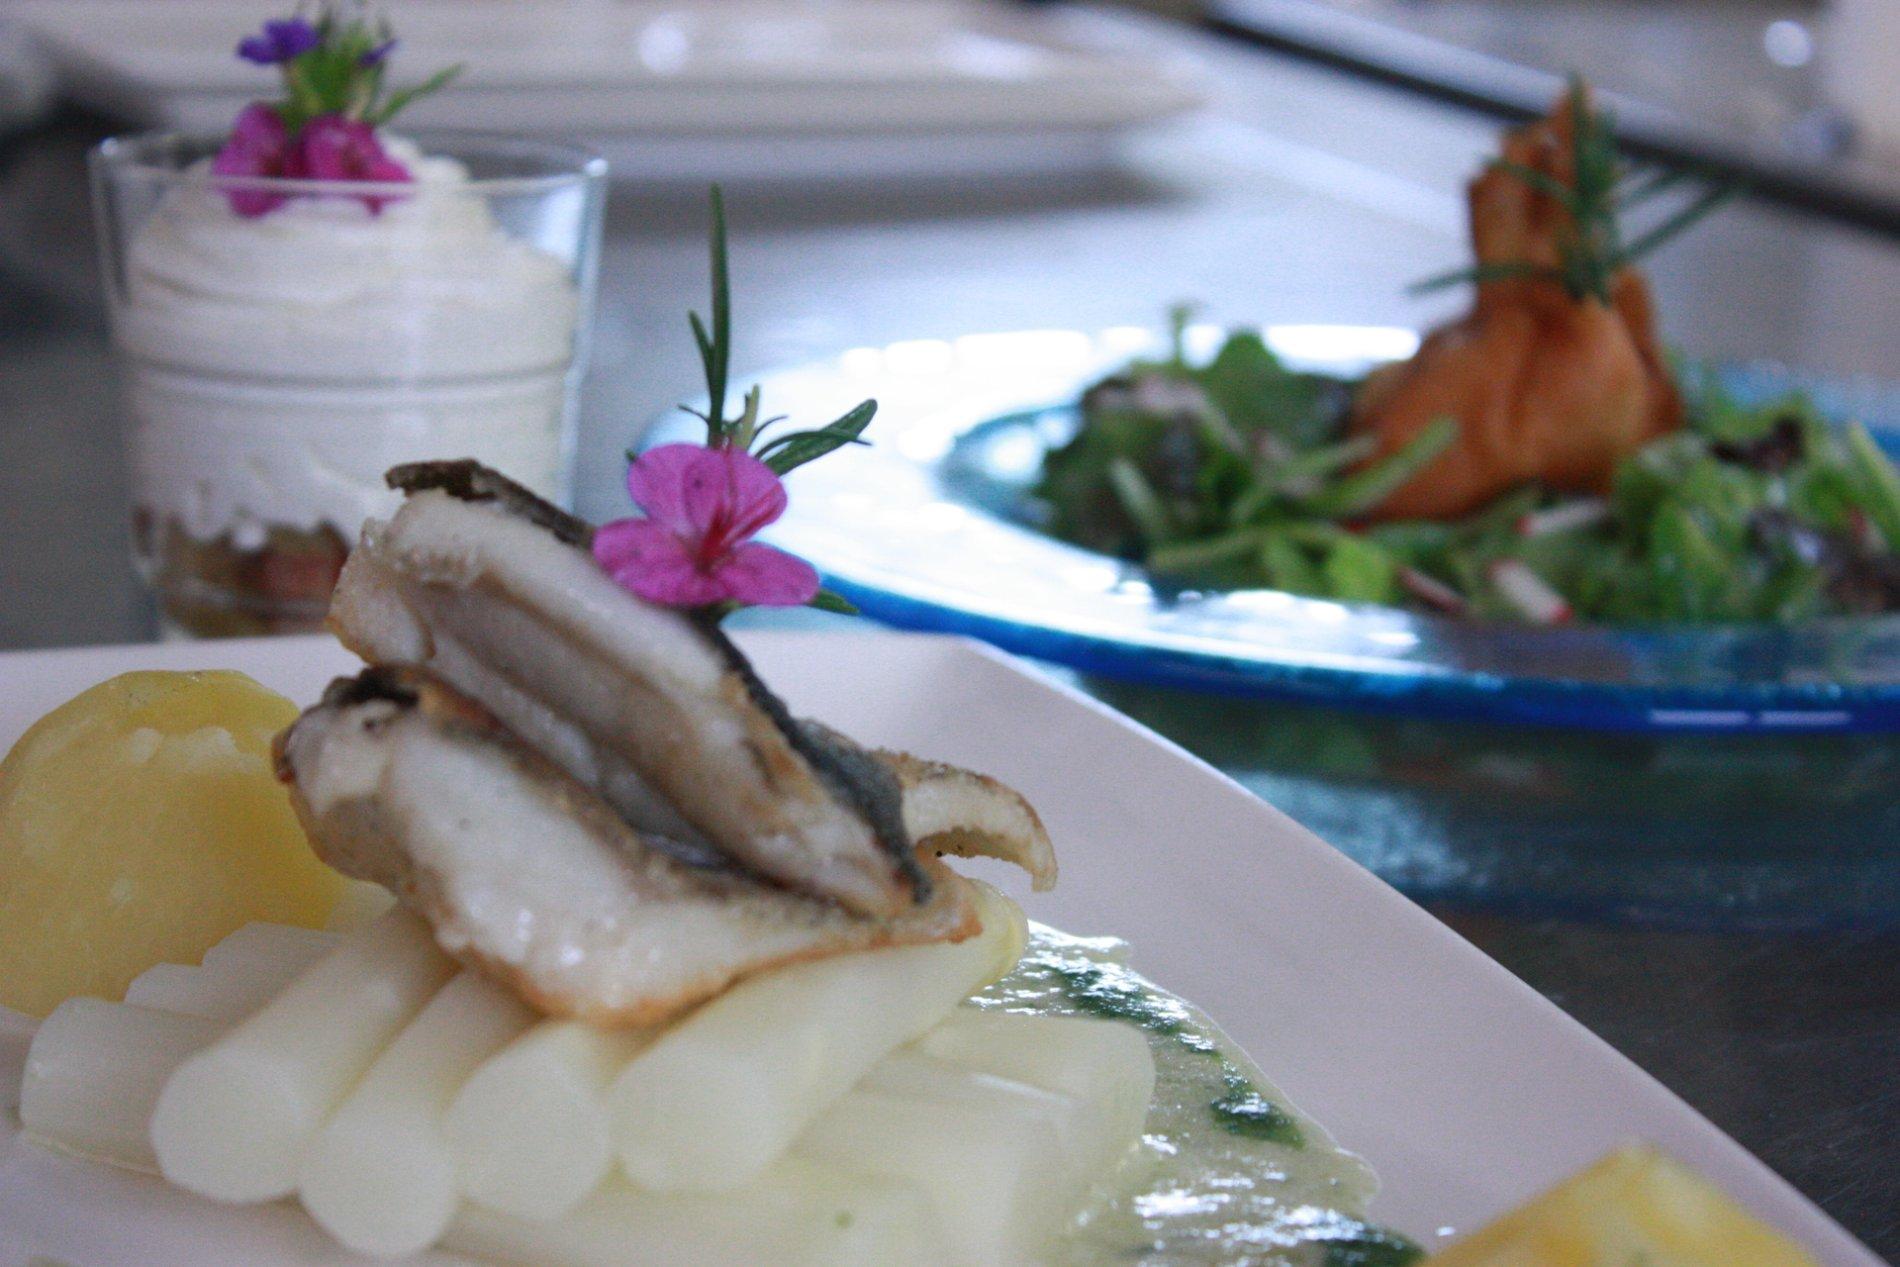 Auf einem Teller liegen schön angerichtet ein Stück Fisch, Spargel, Kartoffeln und eine helle Soße. Im HIntergrund sind verschwommen weitere Gerichte.